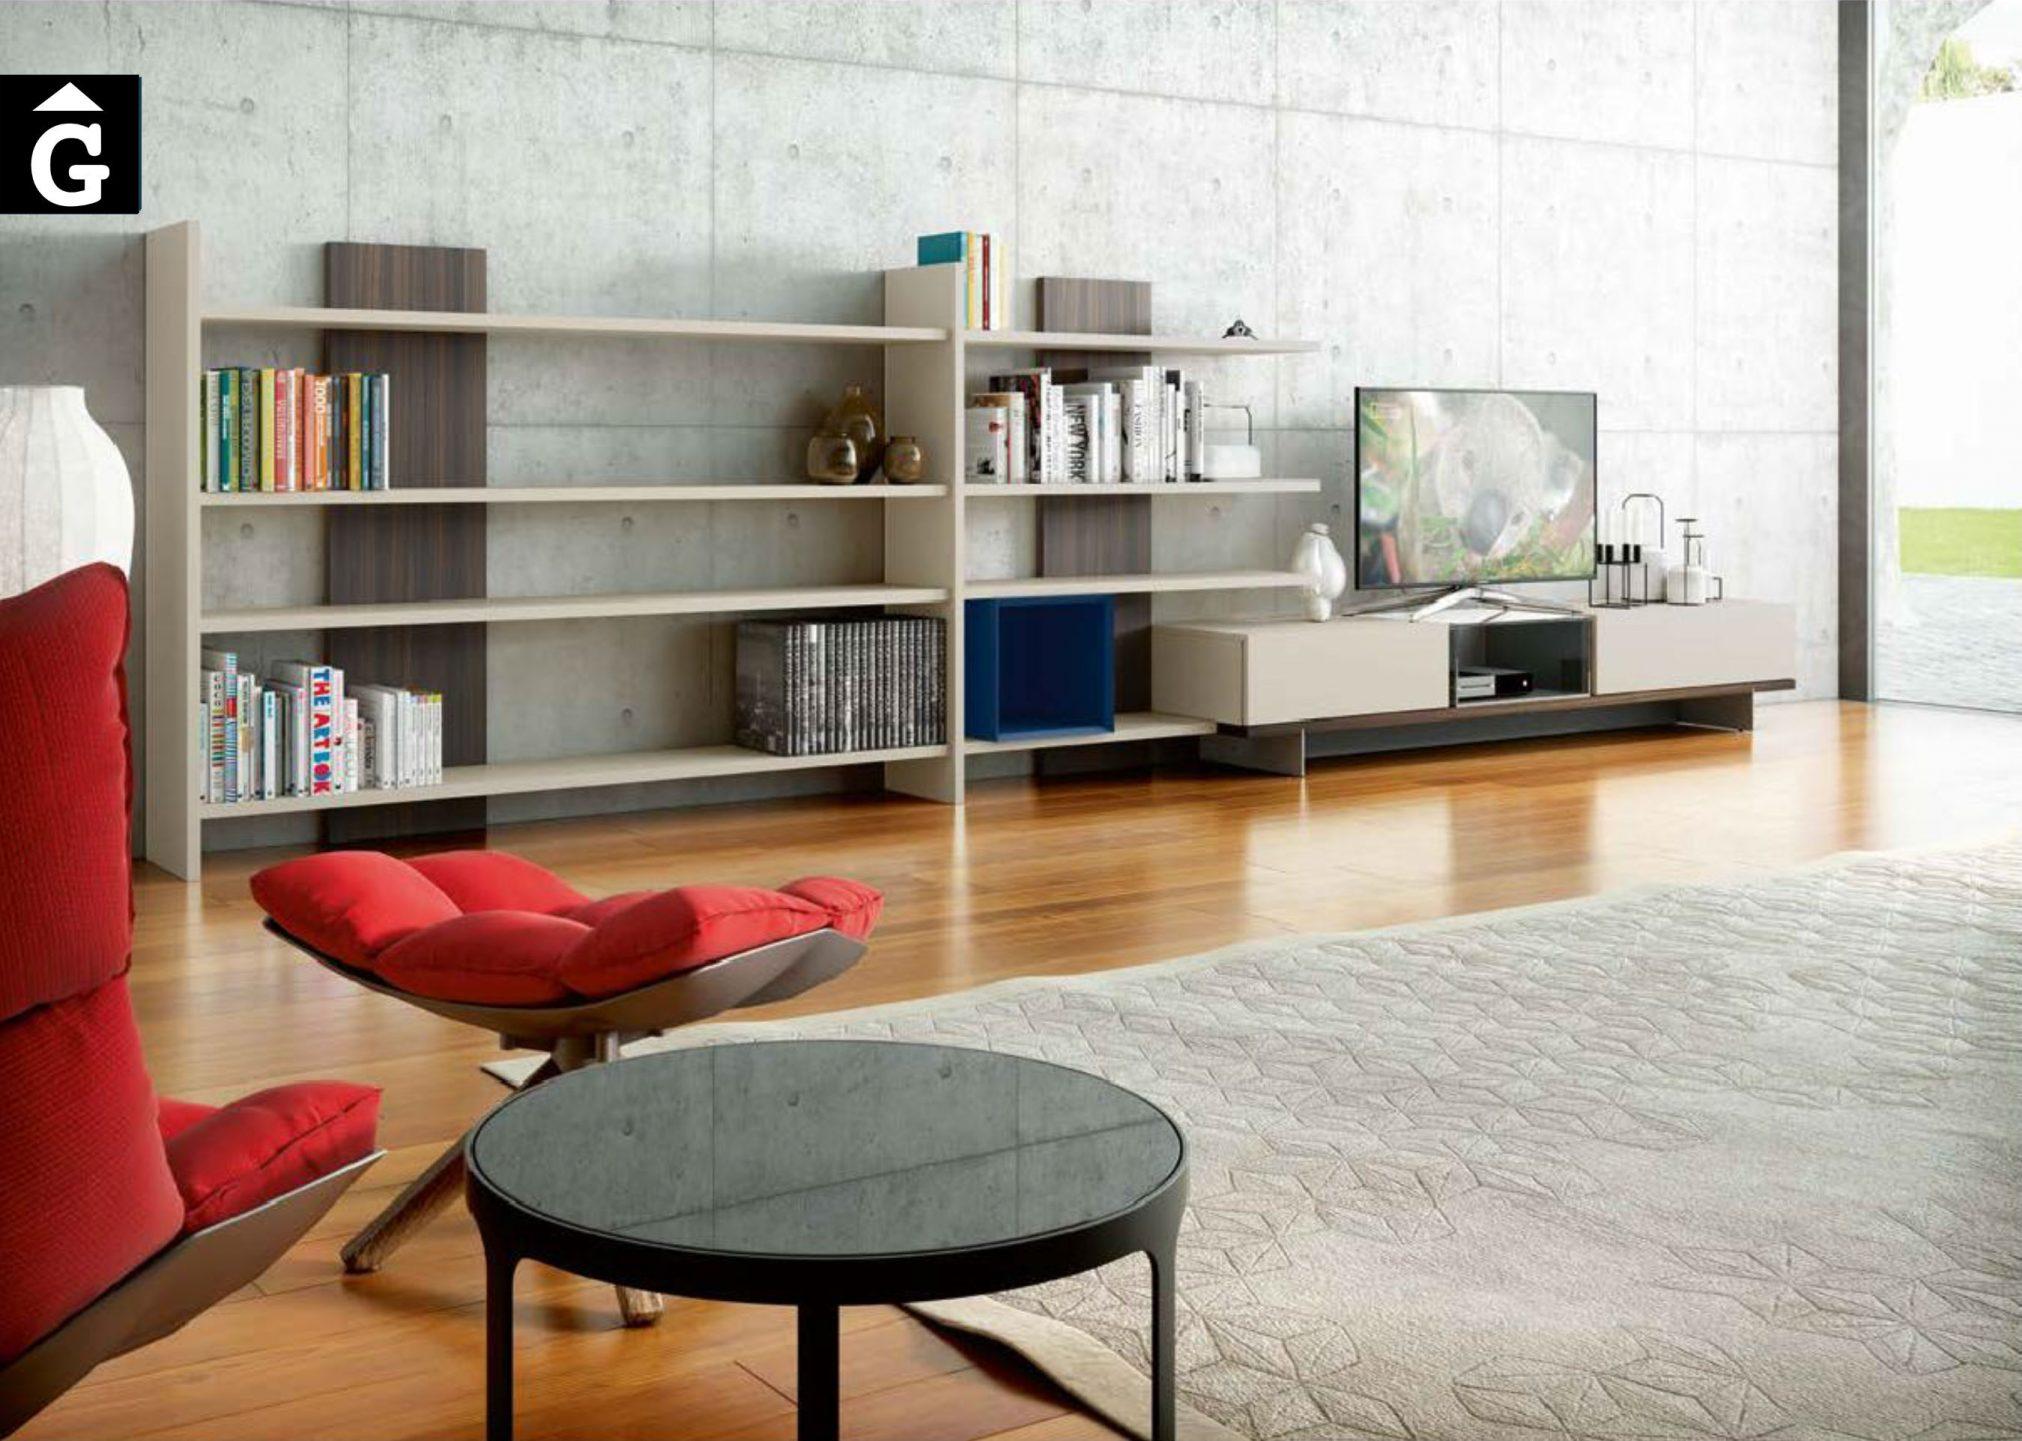 http://moblesgifreu.com/wp-content/uploads/2016/01/MOBLE-21-CONNECTOR-EMEDE-mobles-by-Mobles-GIFREU-Girona-ESPAI-EMEDE-Epacio-emede-Muebles-MD-moble-menjador-Sala-estar-habitatge-qualitat-laca-xapa-natural.jpg